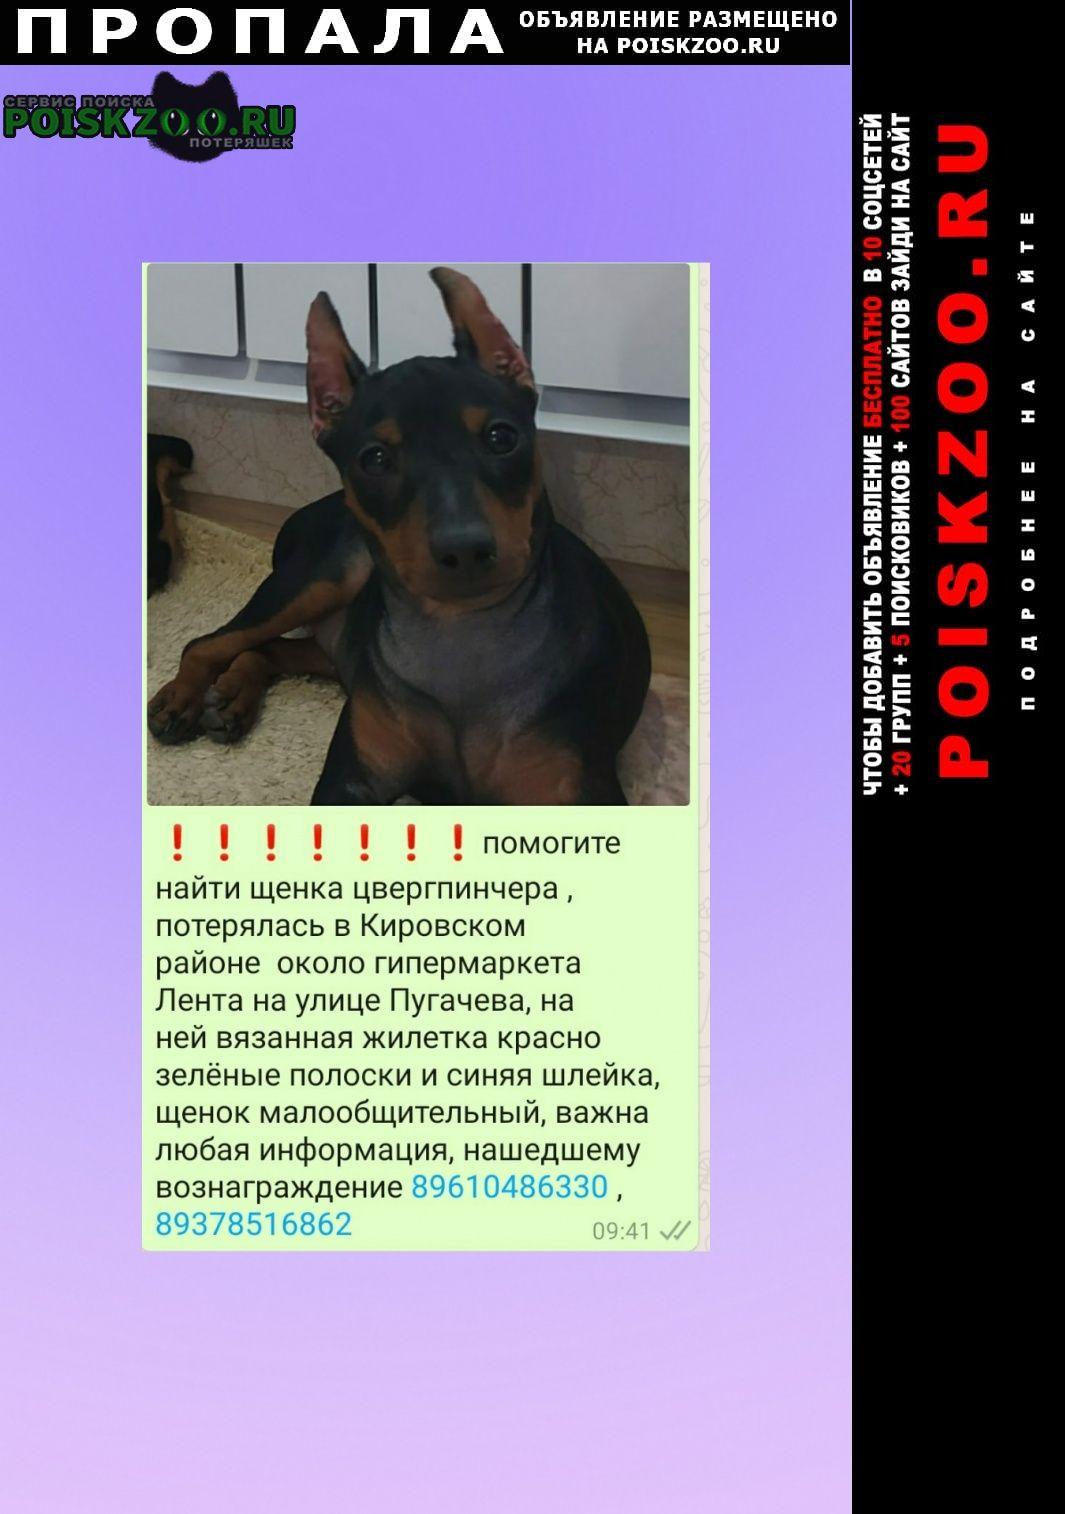 Пропала собака за вознаграждение Уфа